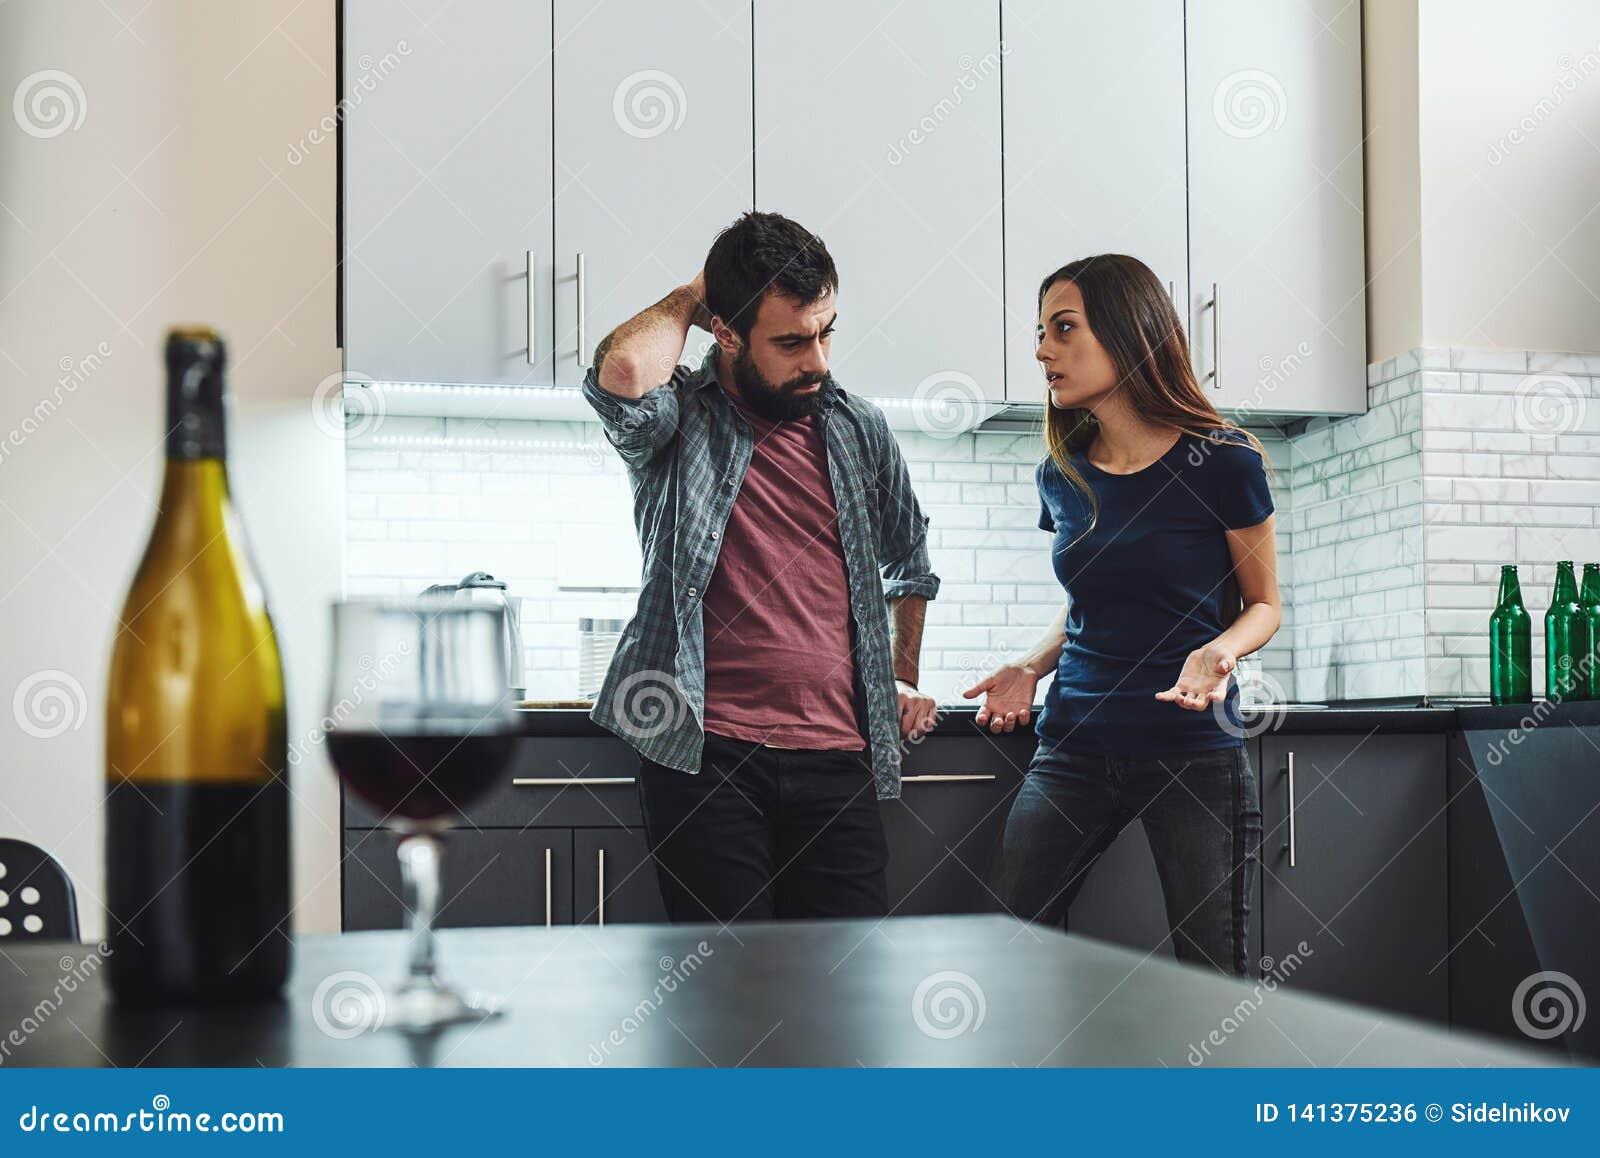 I'm que não diz lhe o está indo ser fácil, I'm que diz o que os it's que vão a valem a pena Família dos alcoólicos